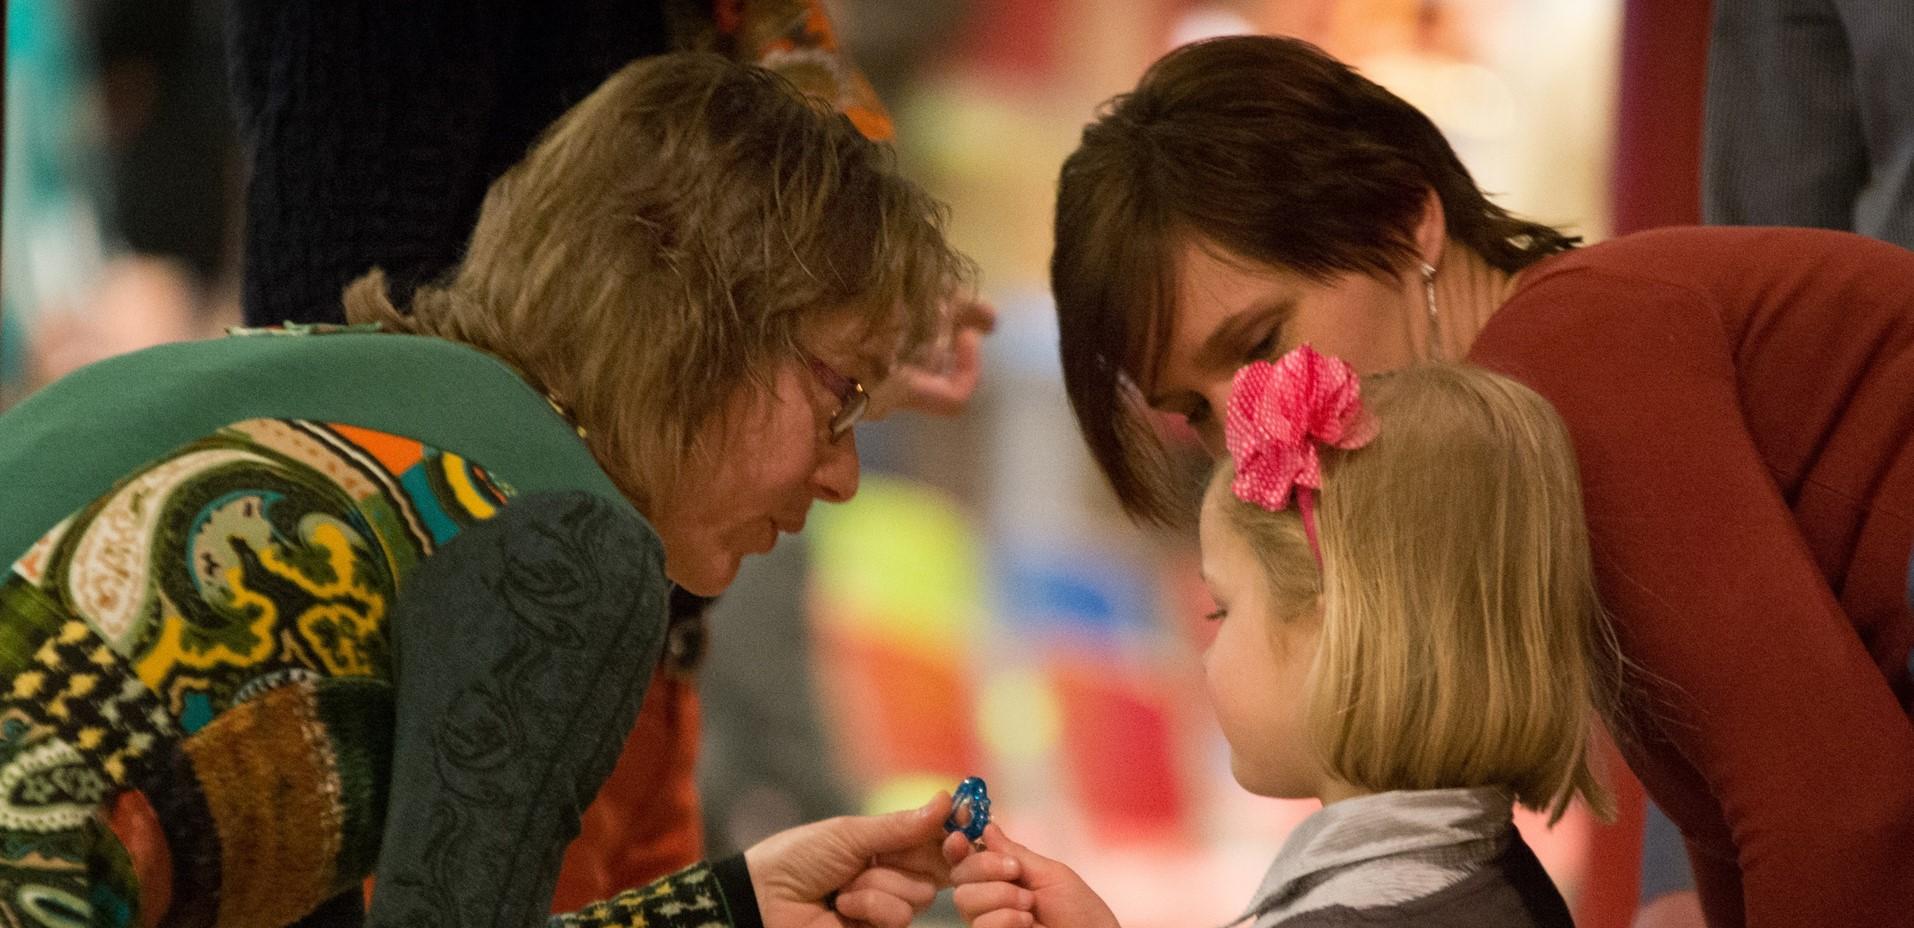 Kinderen het evangelie laten proeven